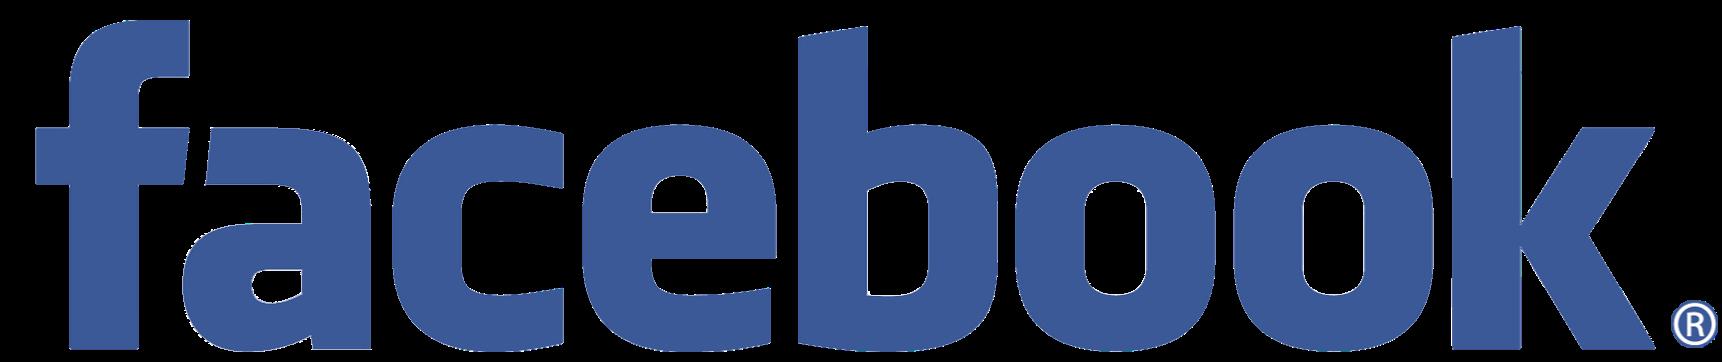 Resultado de imagen para facebook logo png